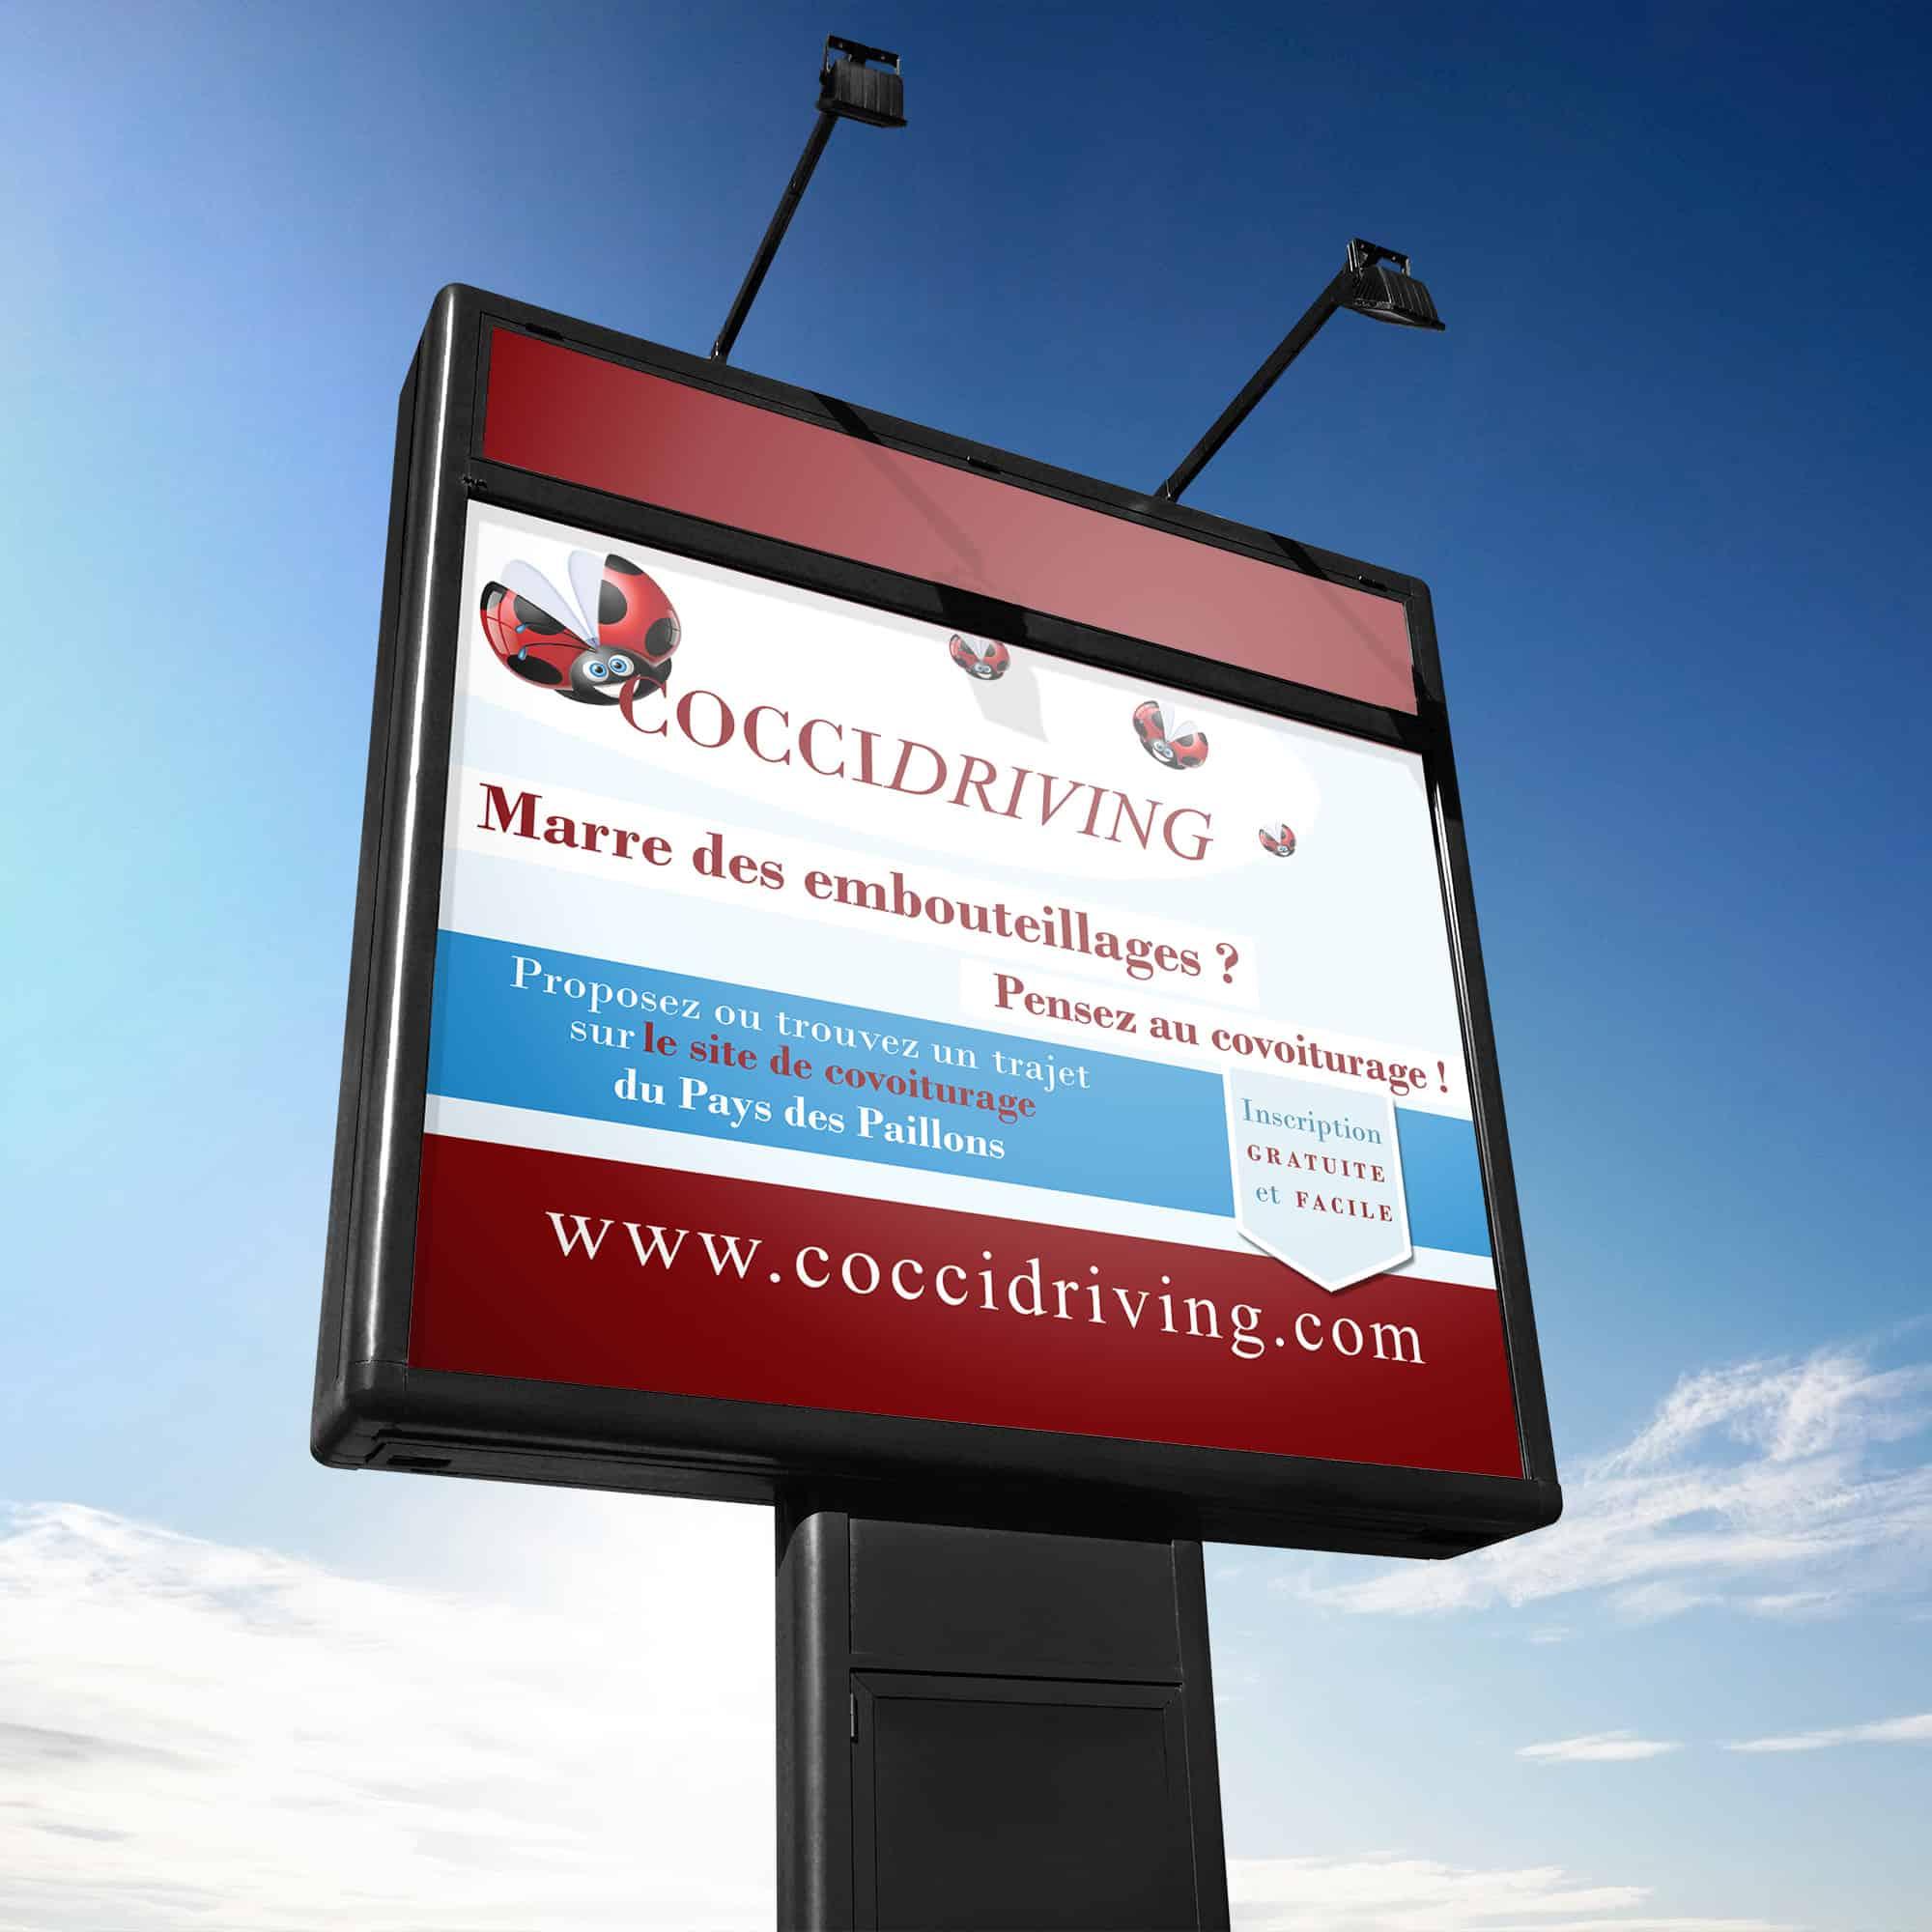 panneau publicitaire Coccidriving